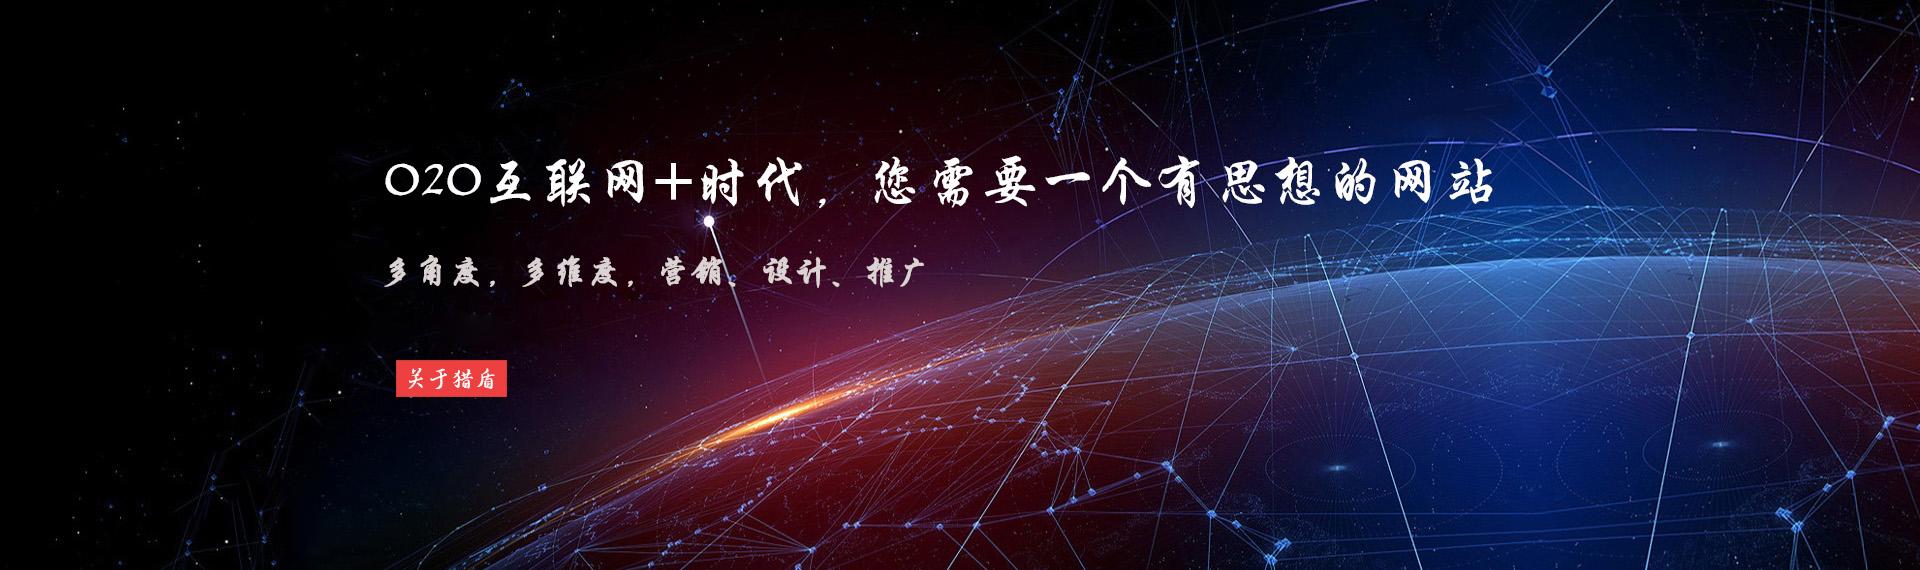 猎盾网络科技|项城seo|项城网站建设|提供建站优化服务